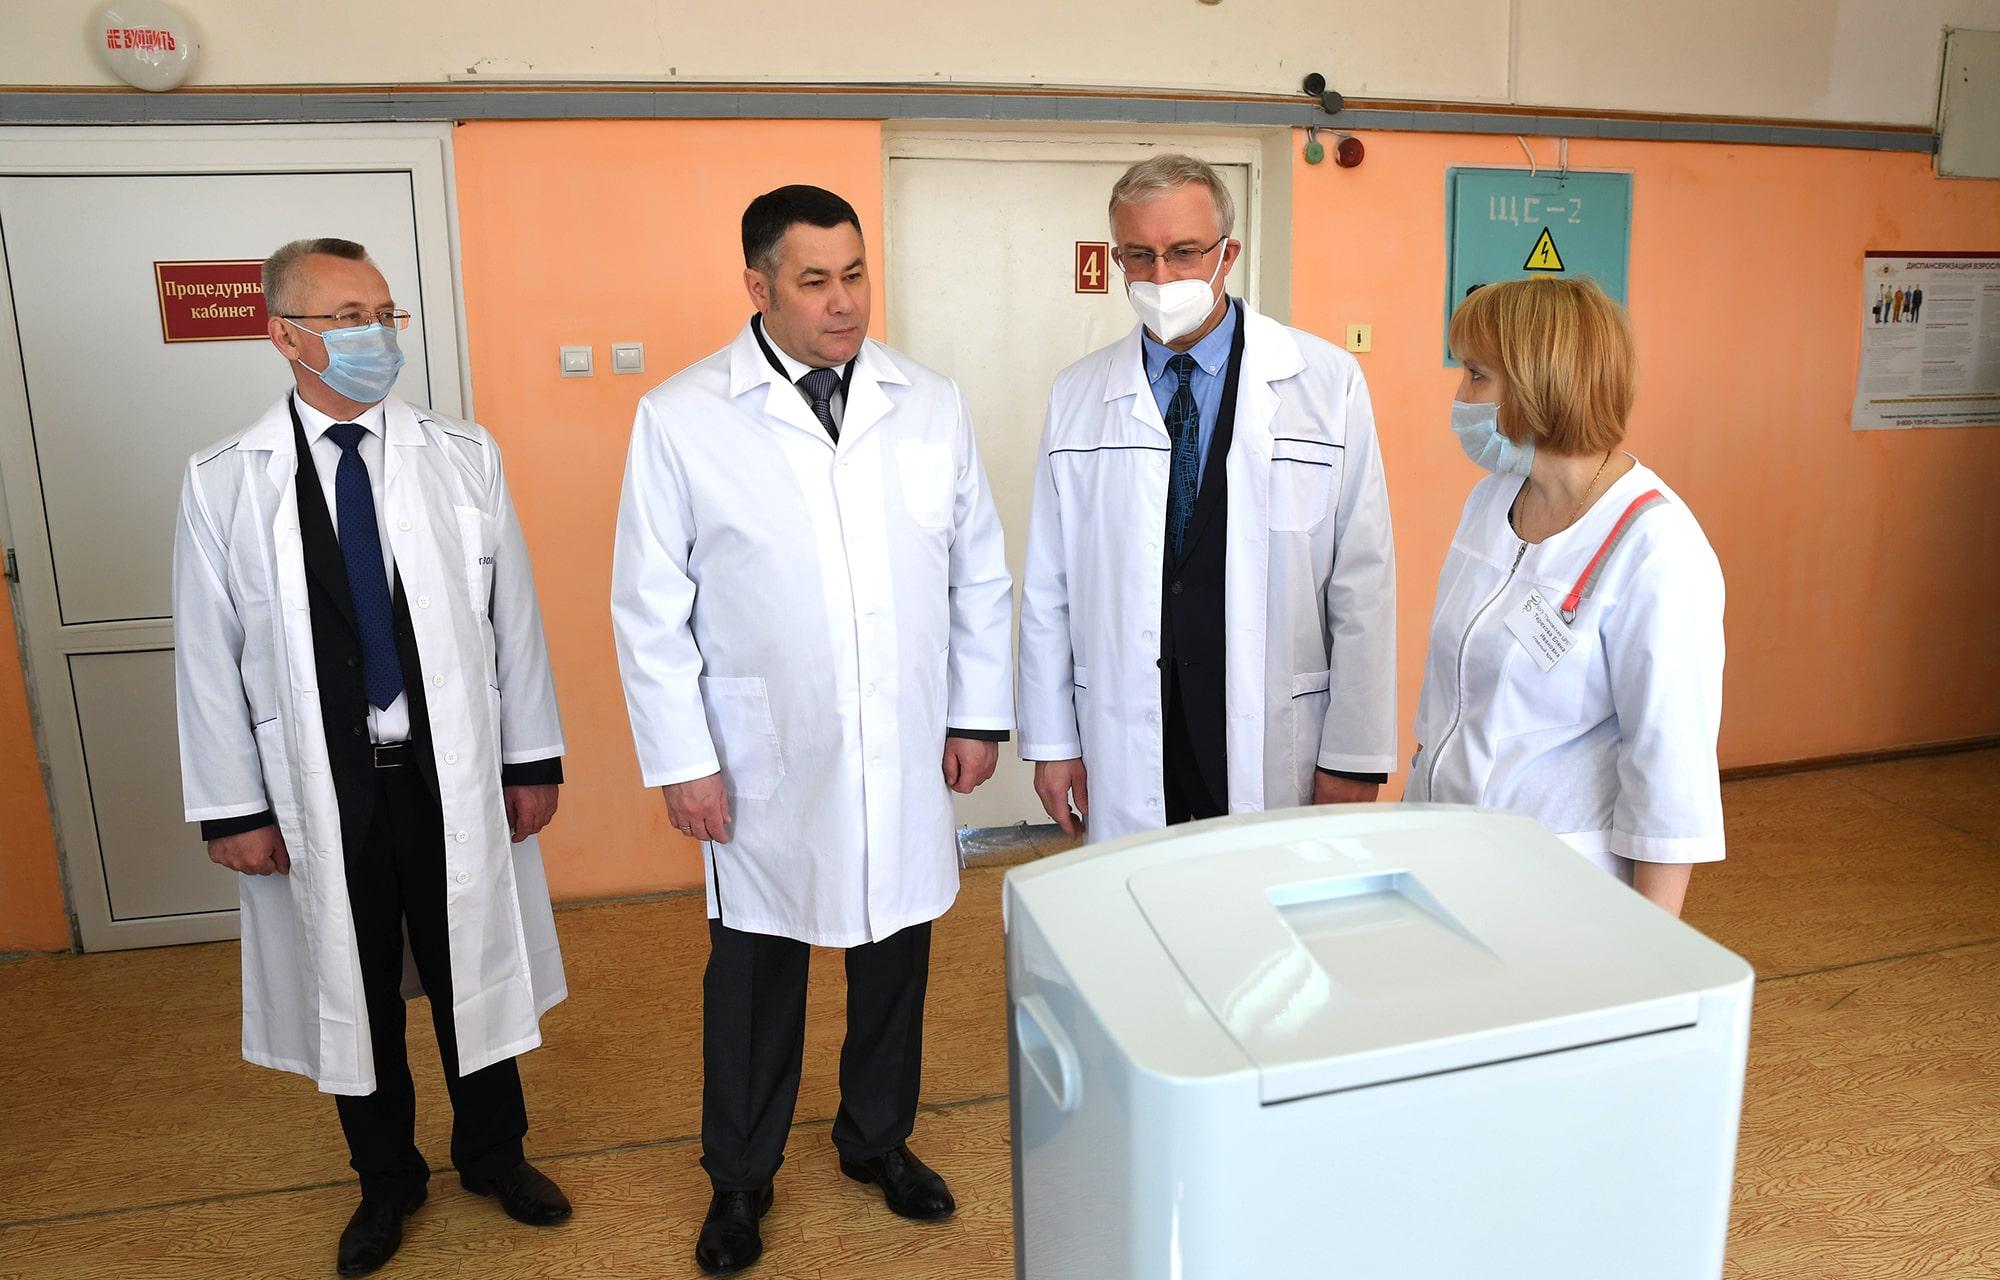 ЦРБ в Тверской области оснастили кислородным концентратором